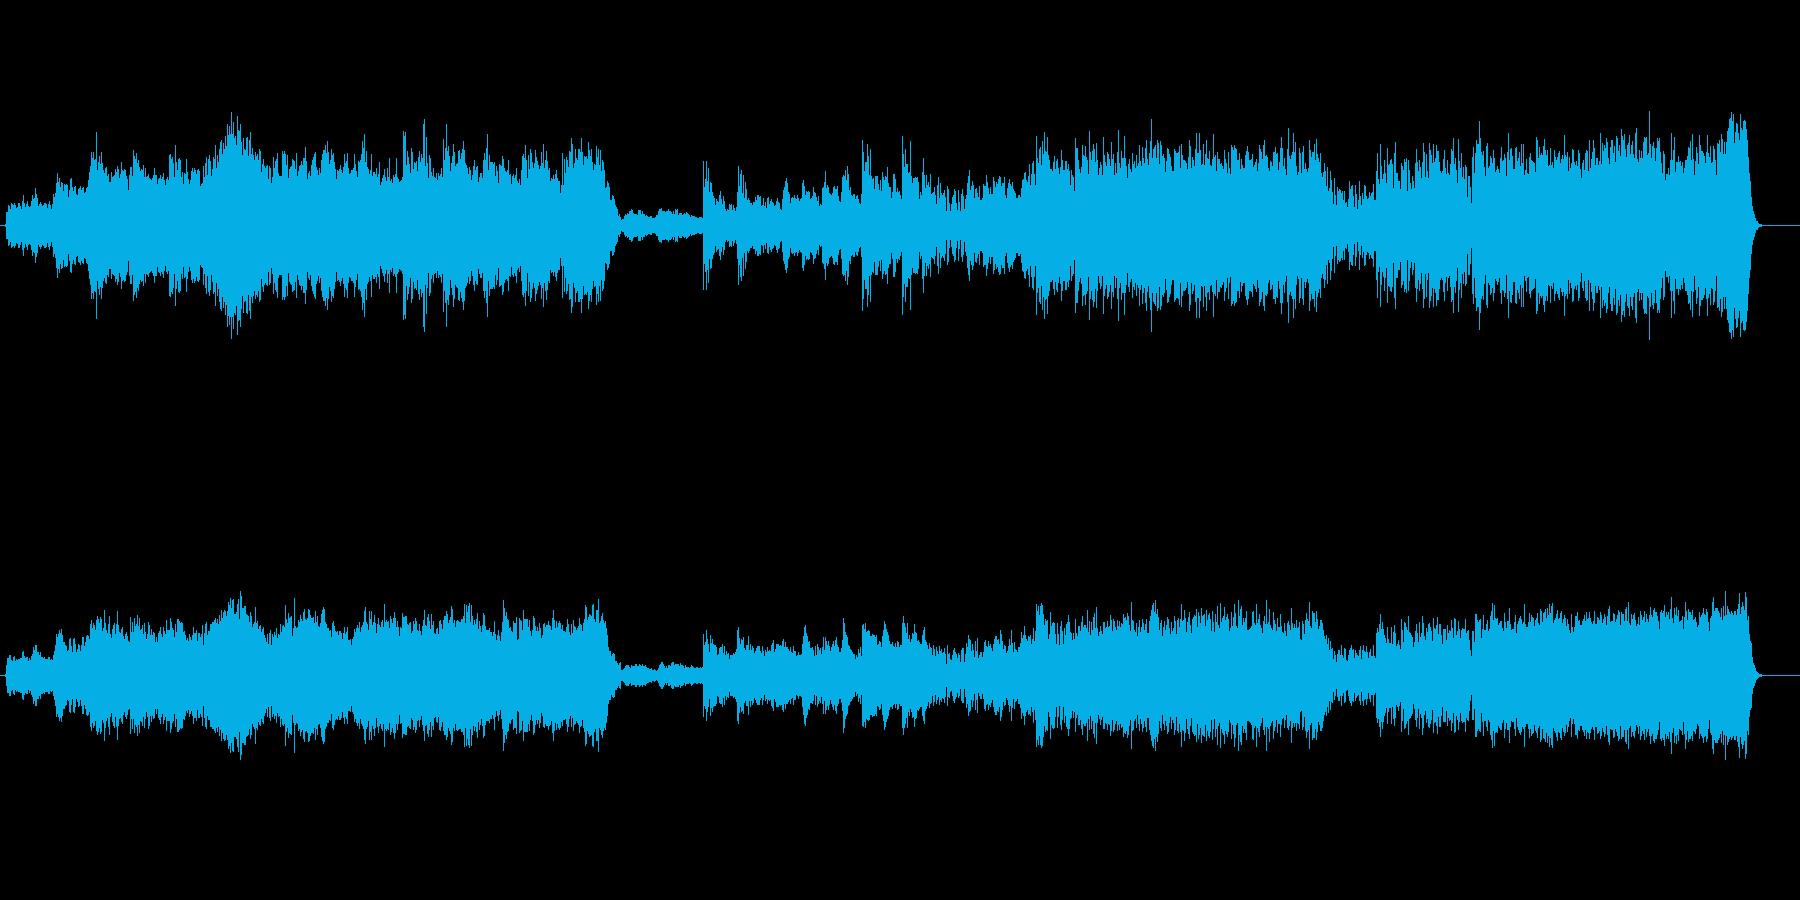 ダイナミックなオーケストラ風アレンジの再生済みの波形